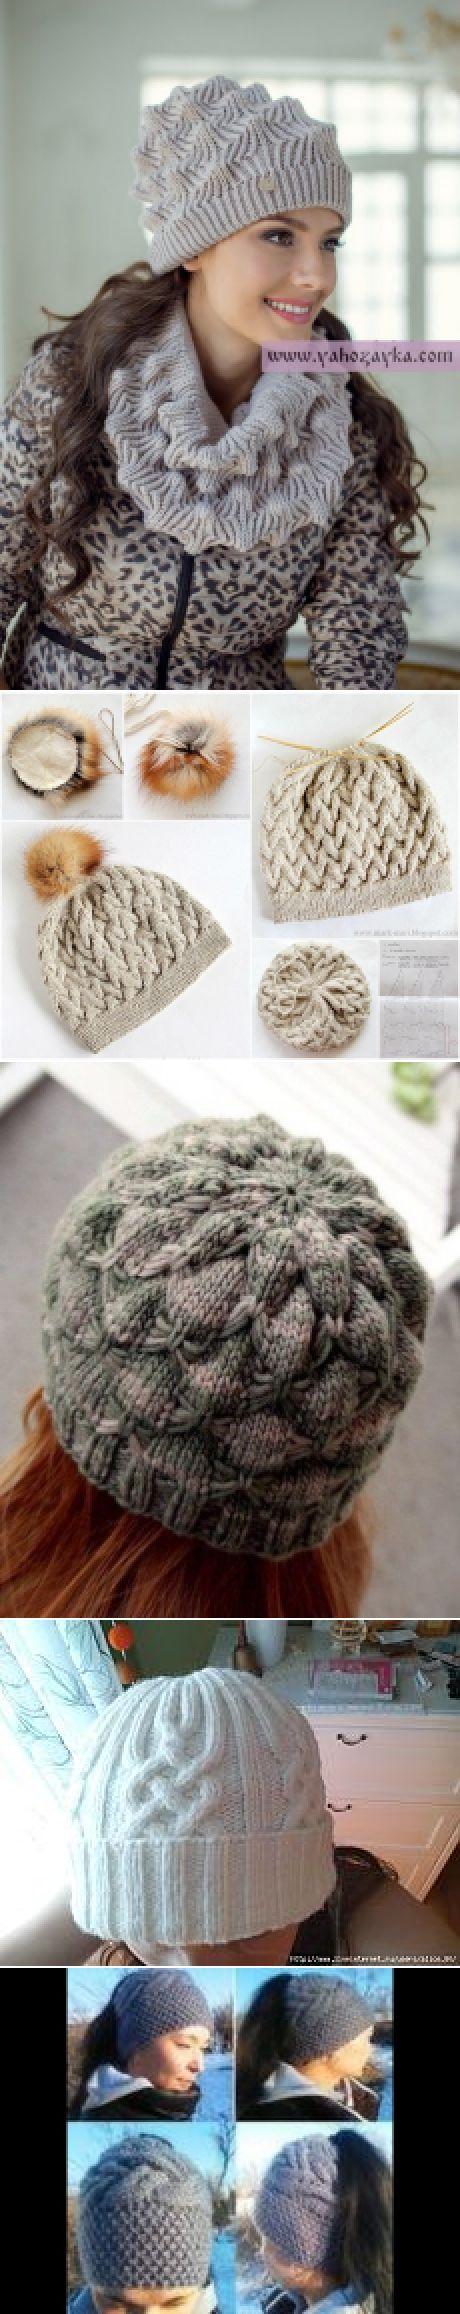 схема вязания теплой шапки адидас